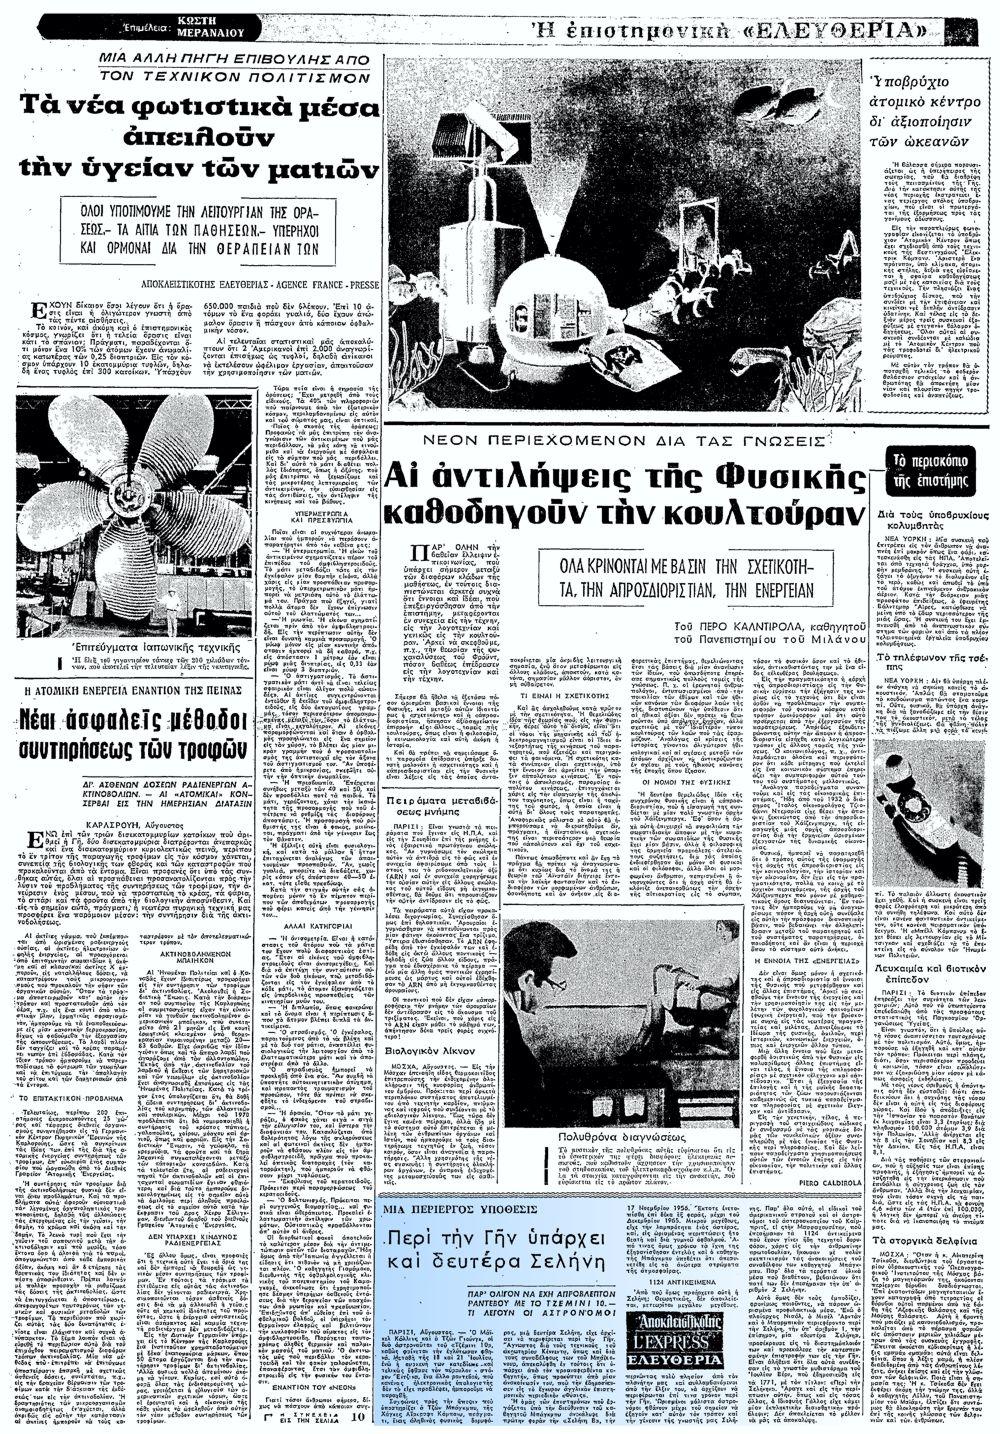 """Το άρθρο, όπως δημοσιεύθηκε στην εφημερίδα """"ΕΛΕΥΘΕΡΙΑ"""", στις 14/08/1966"""